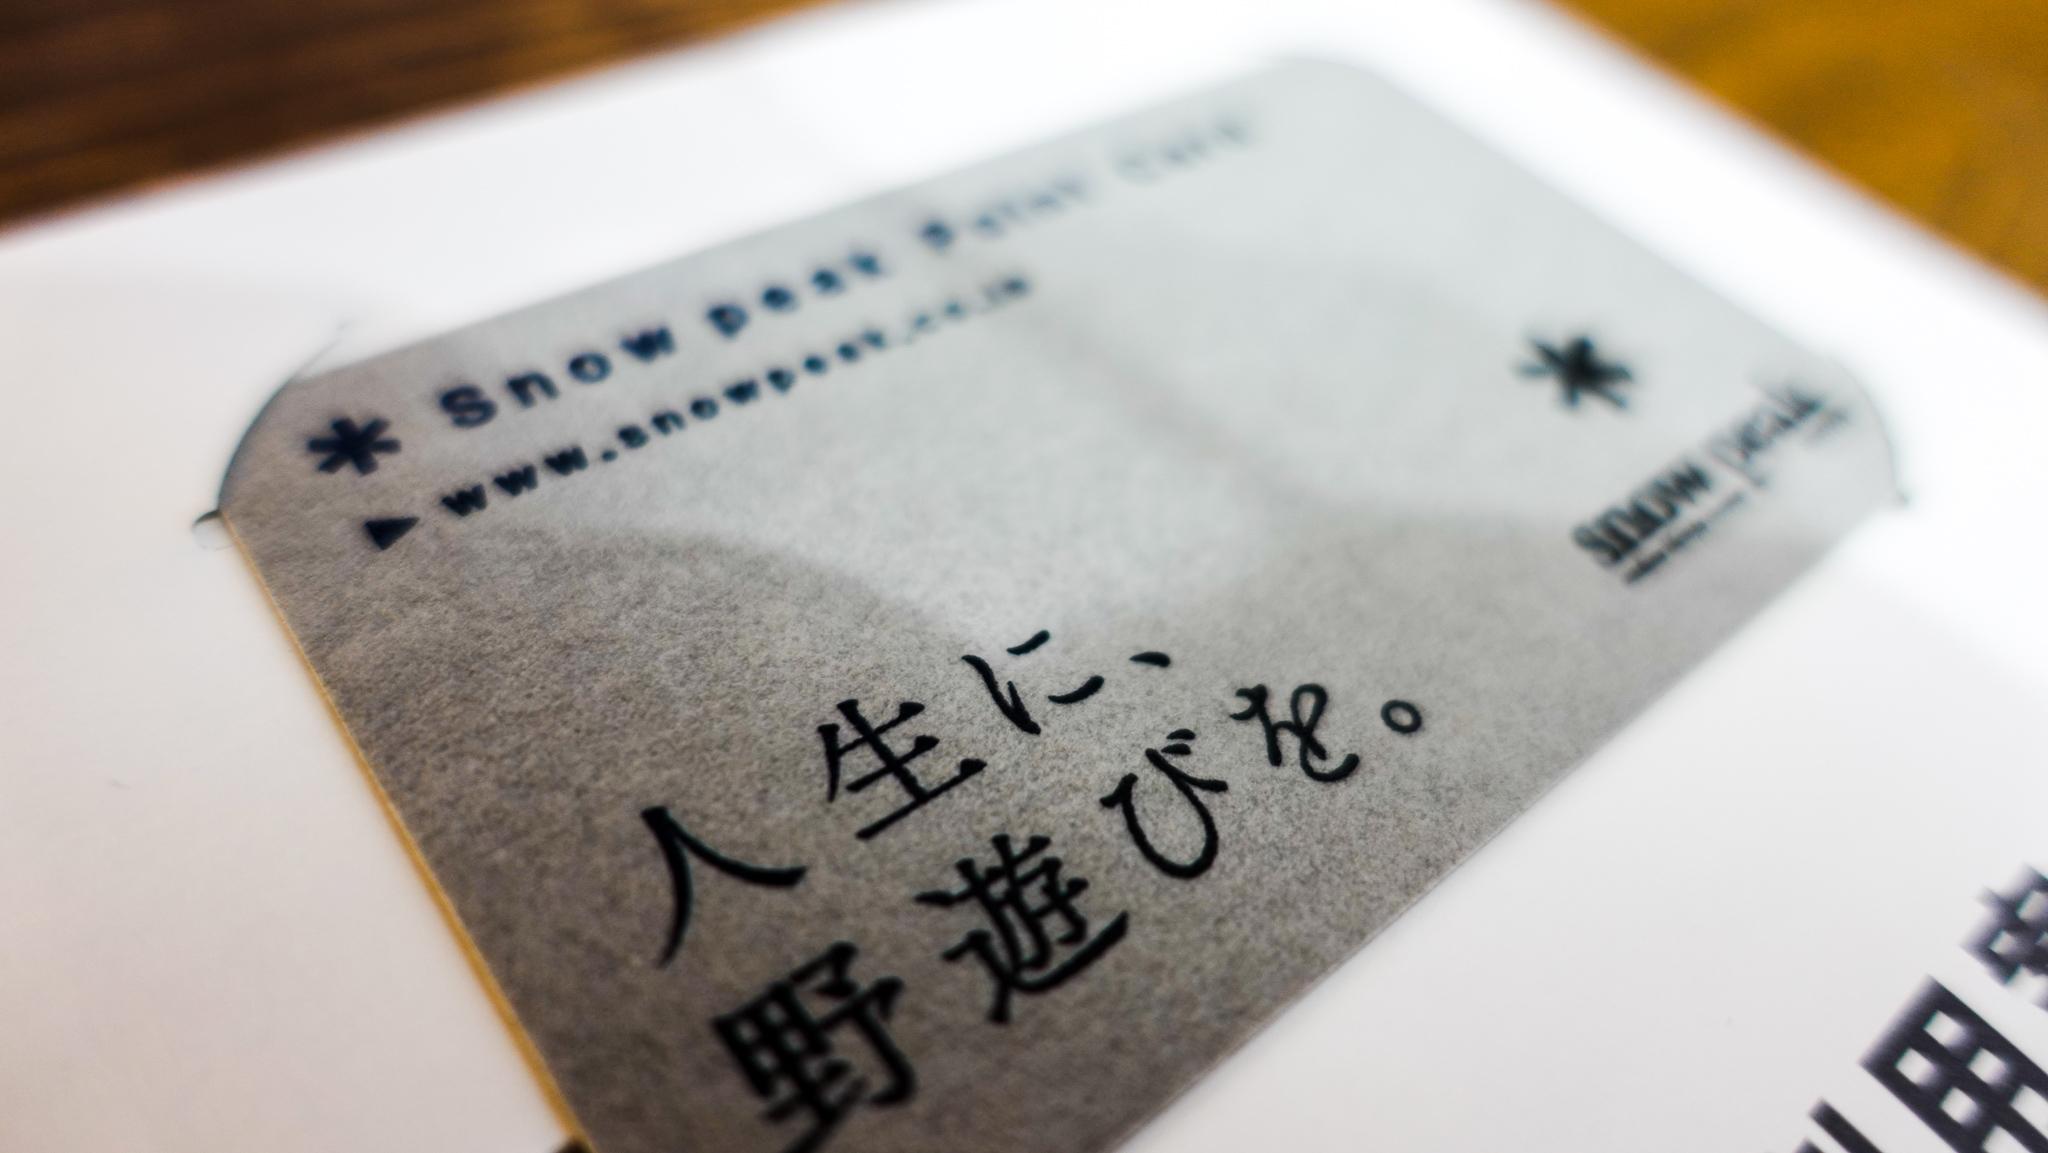 snowpeak card